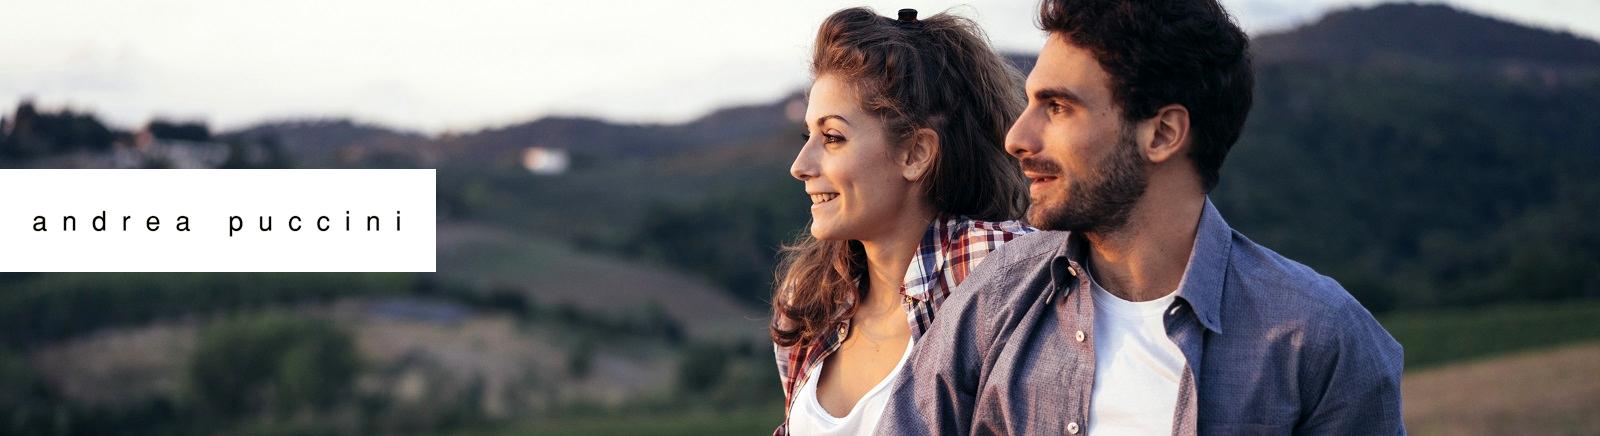 Andrea Puccini Markenschuhe online kaufen im Shop von GISY